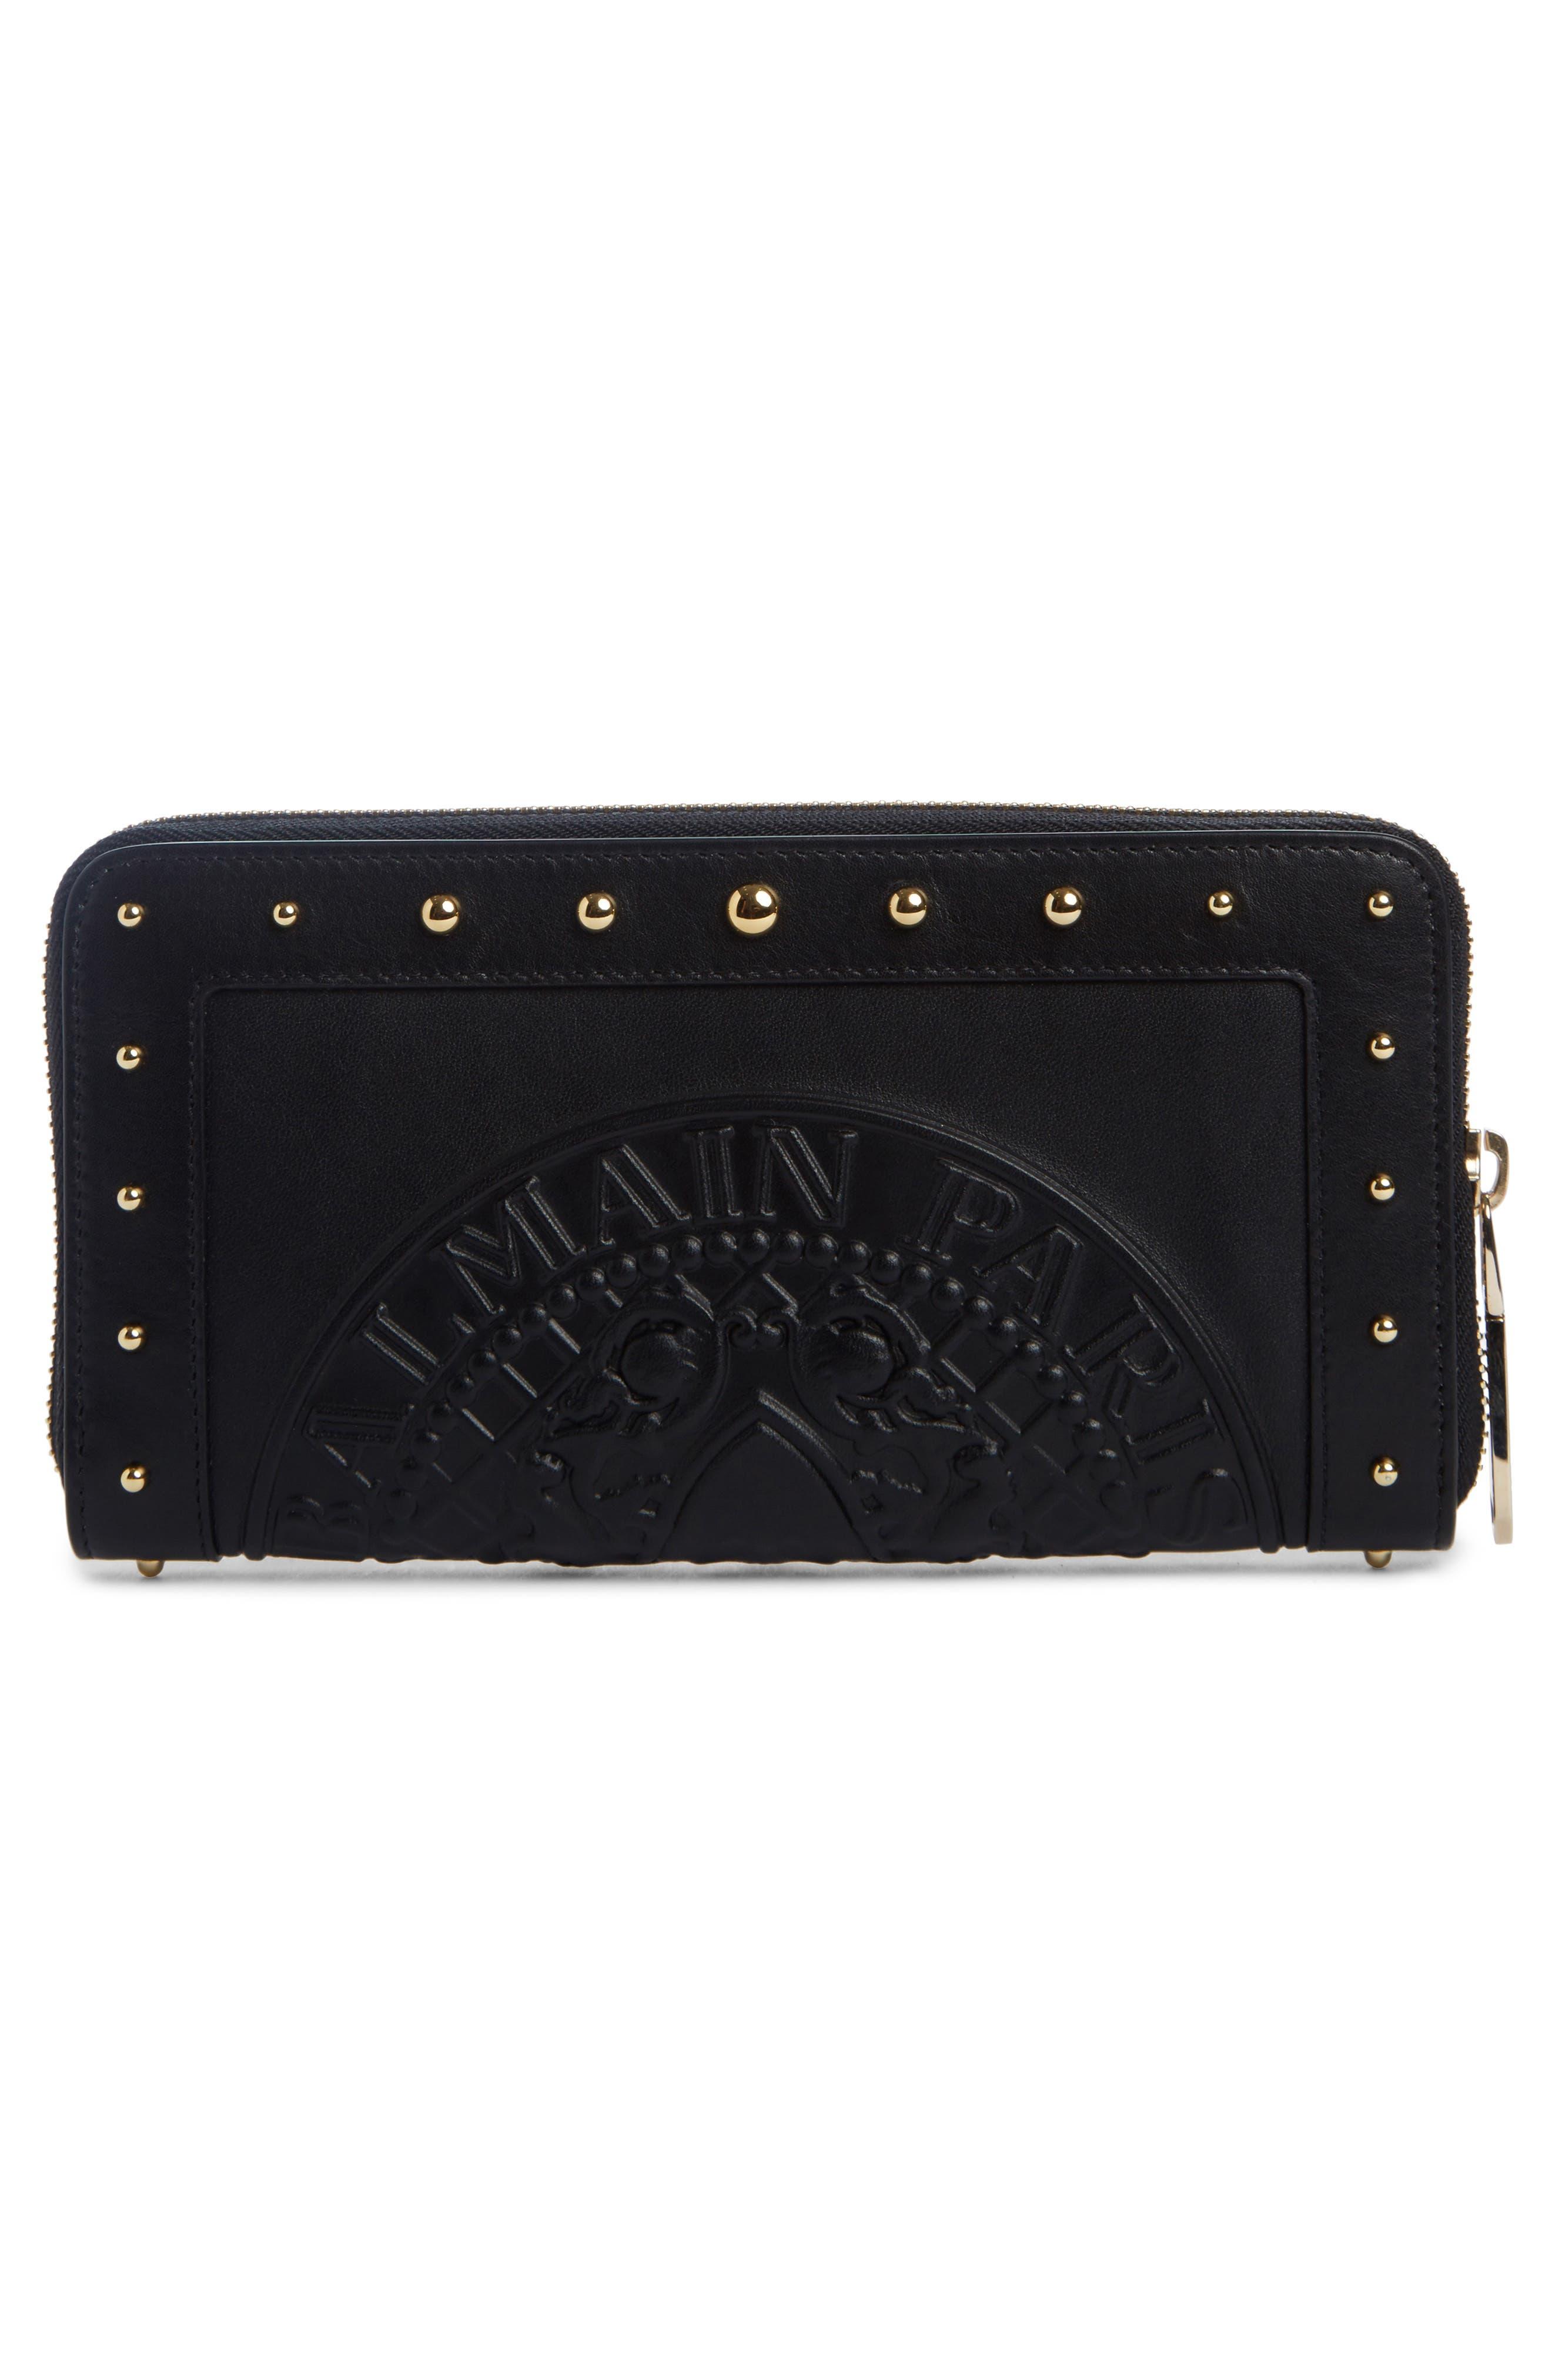 Renaissance Leather Continental Wallet,                             Alternate thumbnail 2, color,                             NOIR